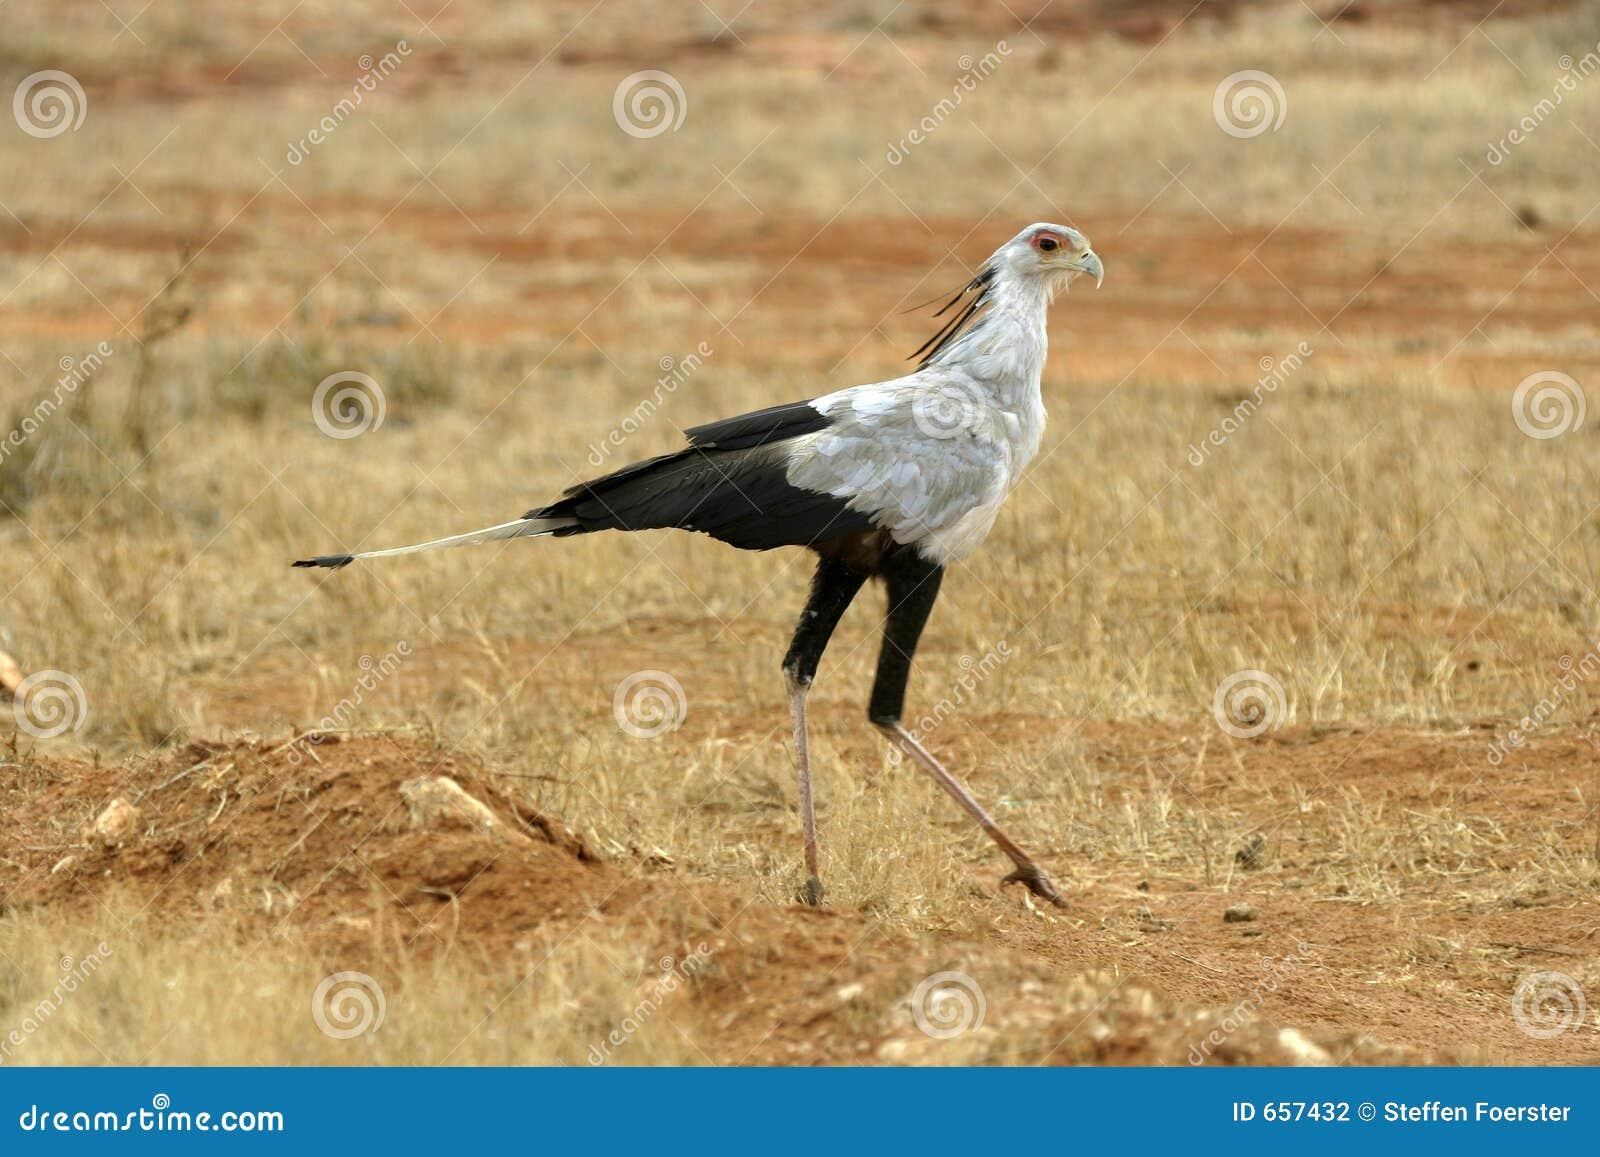 sekretär vogel tansania ~ sekretär vogel stockfotografie  bild 657432